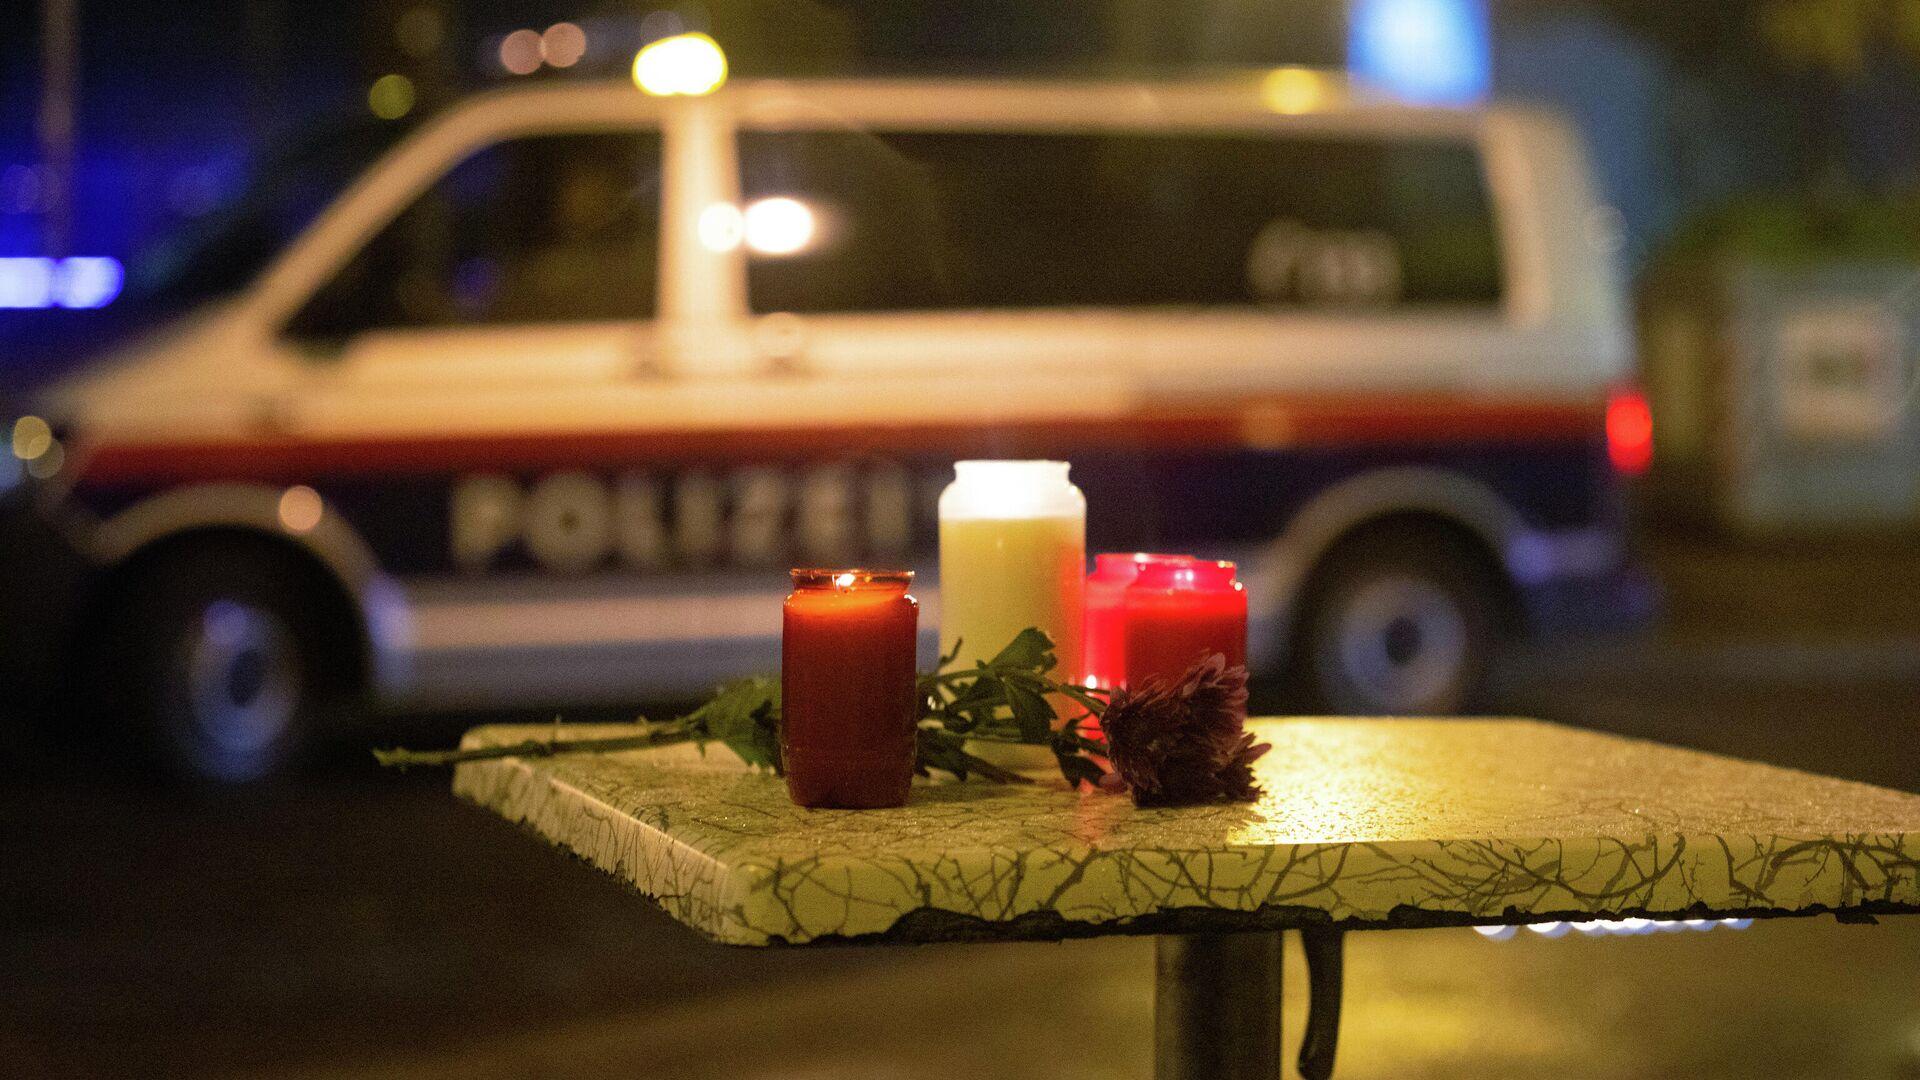 Kerzen am Ort des Terroranschlags in Wien, 3. November 2020 - SNA, 1920, 07.07.2021